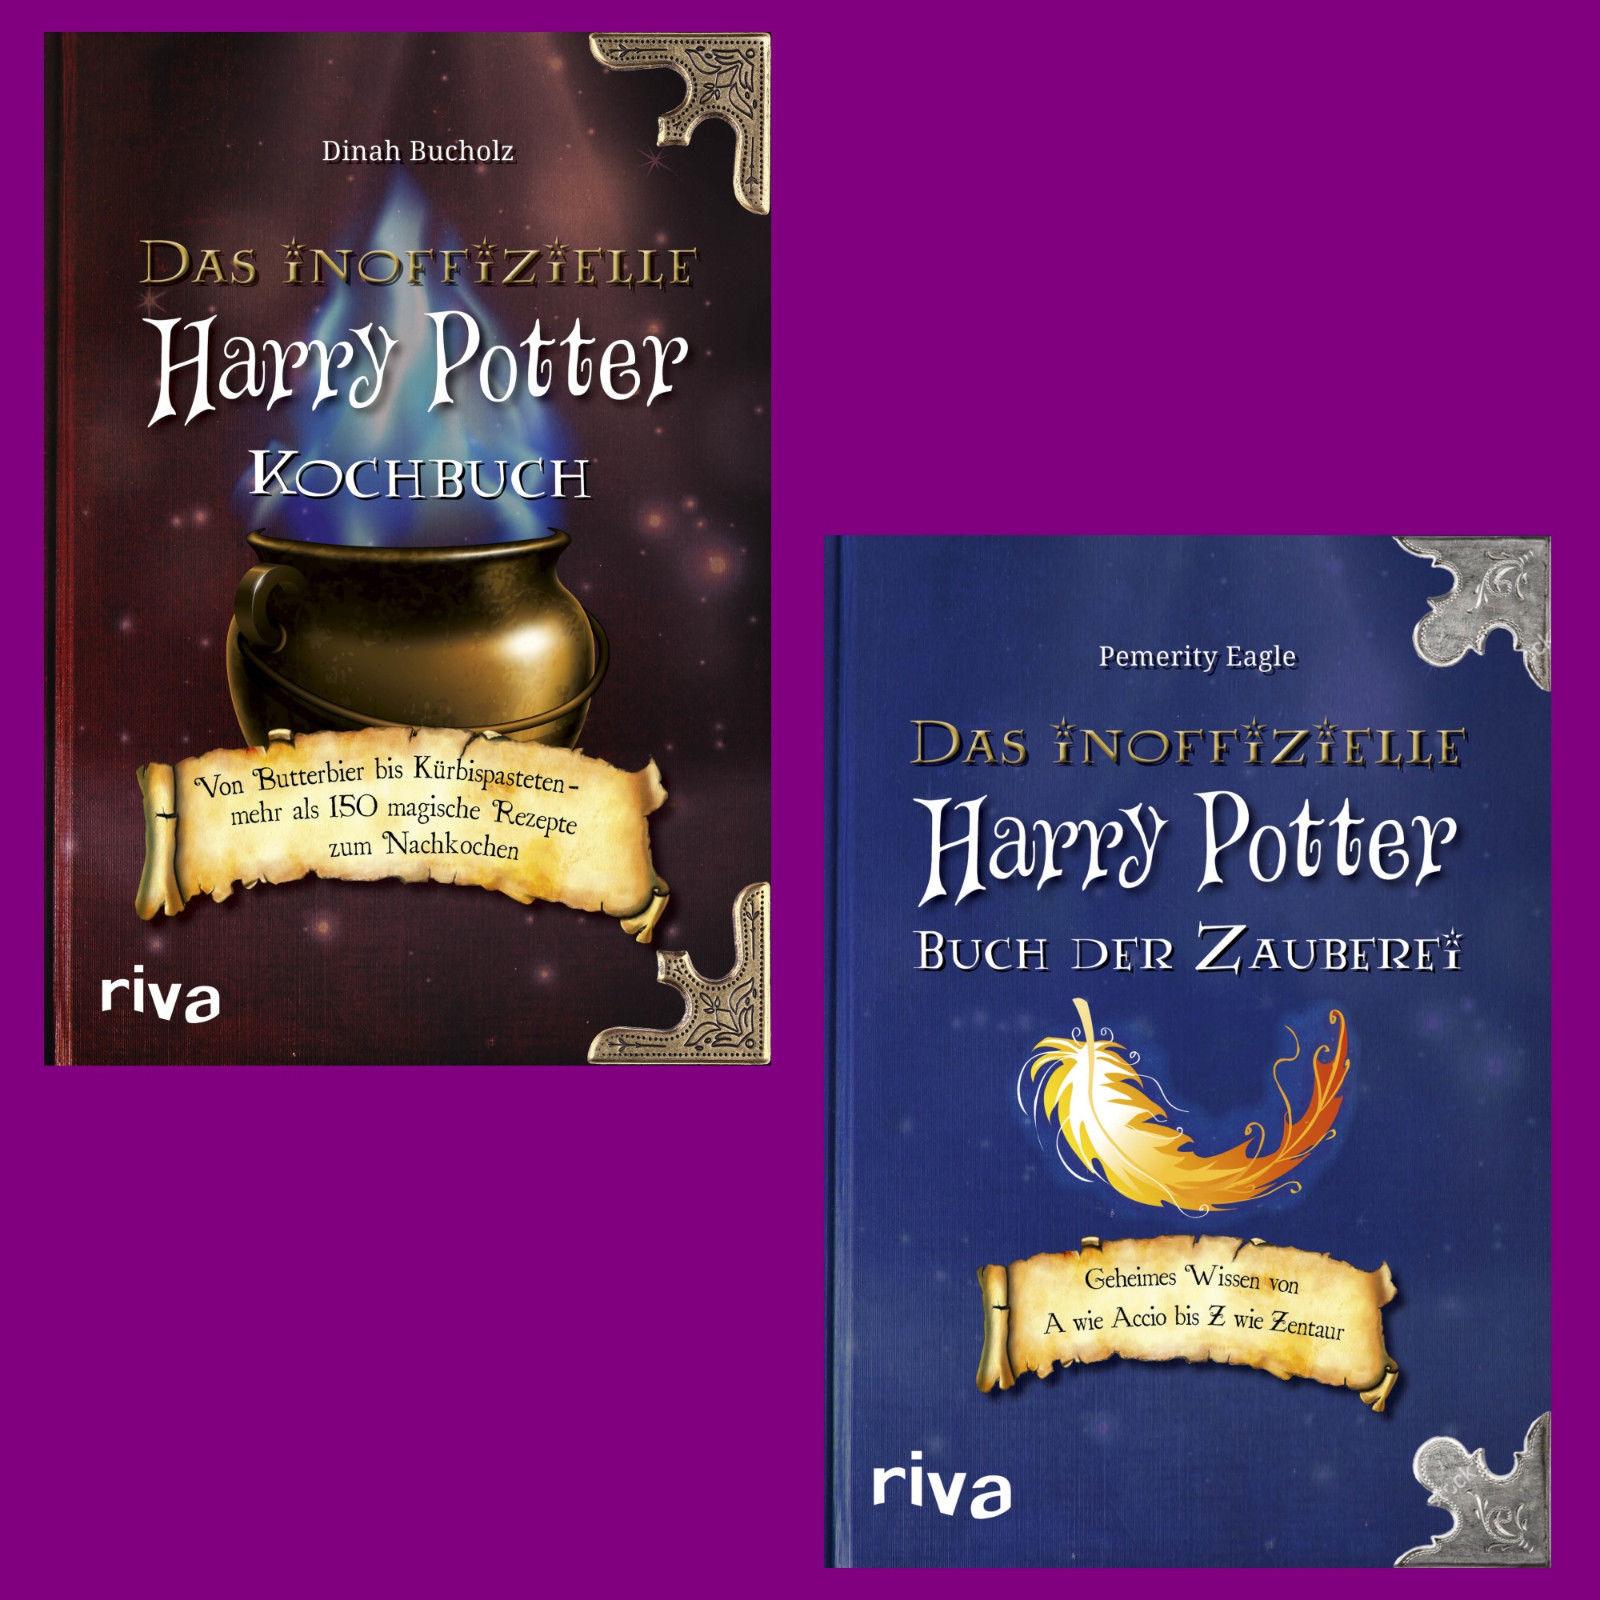 Das inoffizielle Harry-Potter-Kochbuch + Harry-Potter-Buch der Zauberei - Set